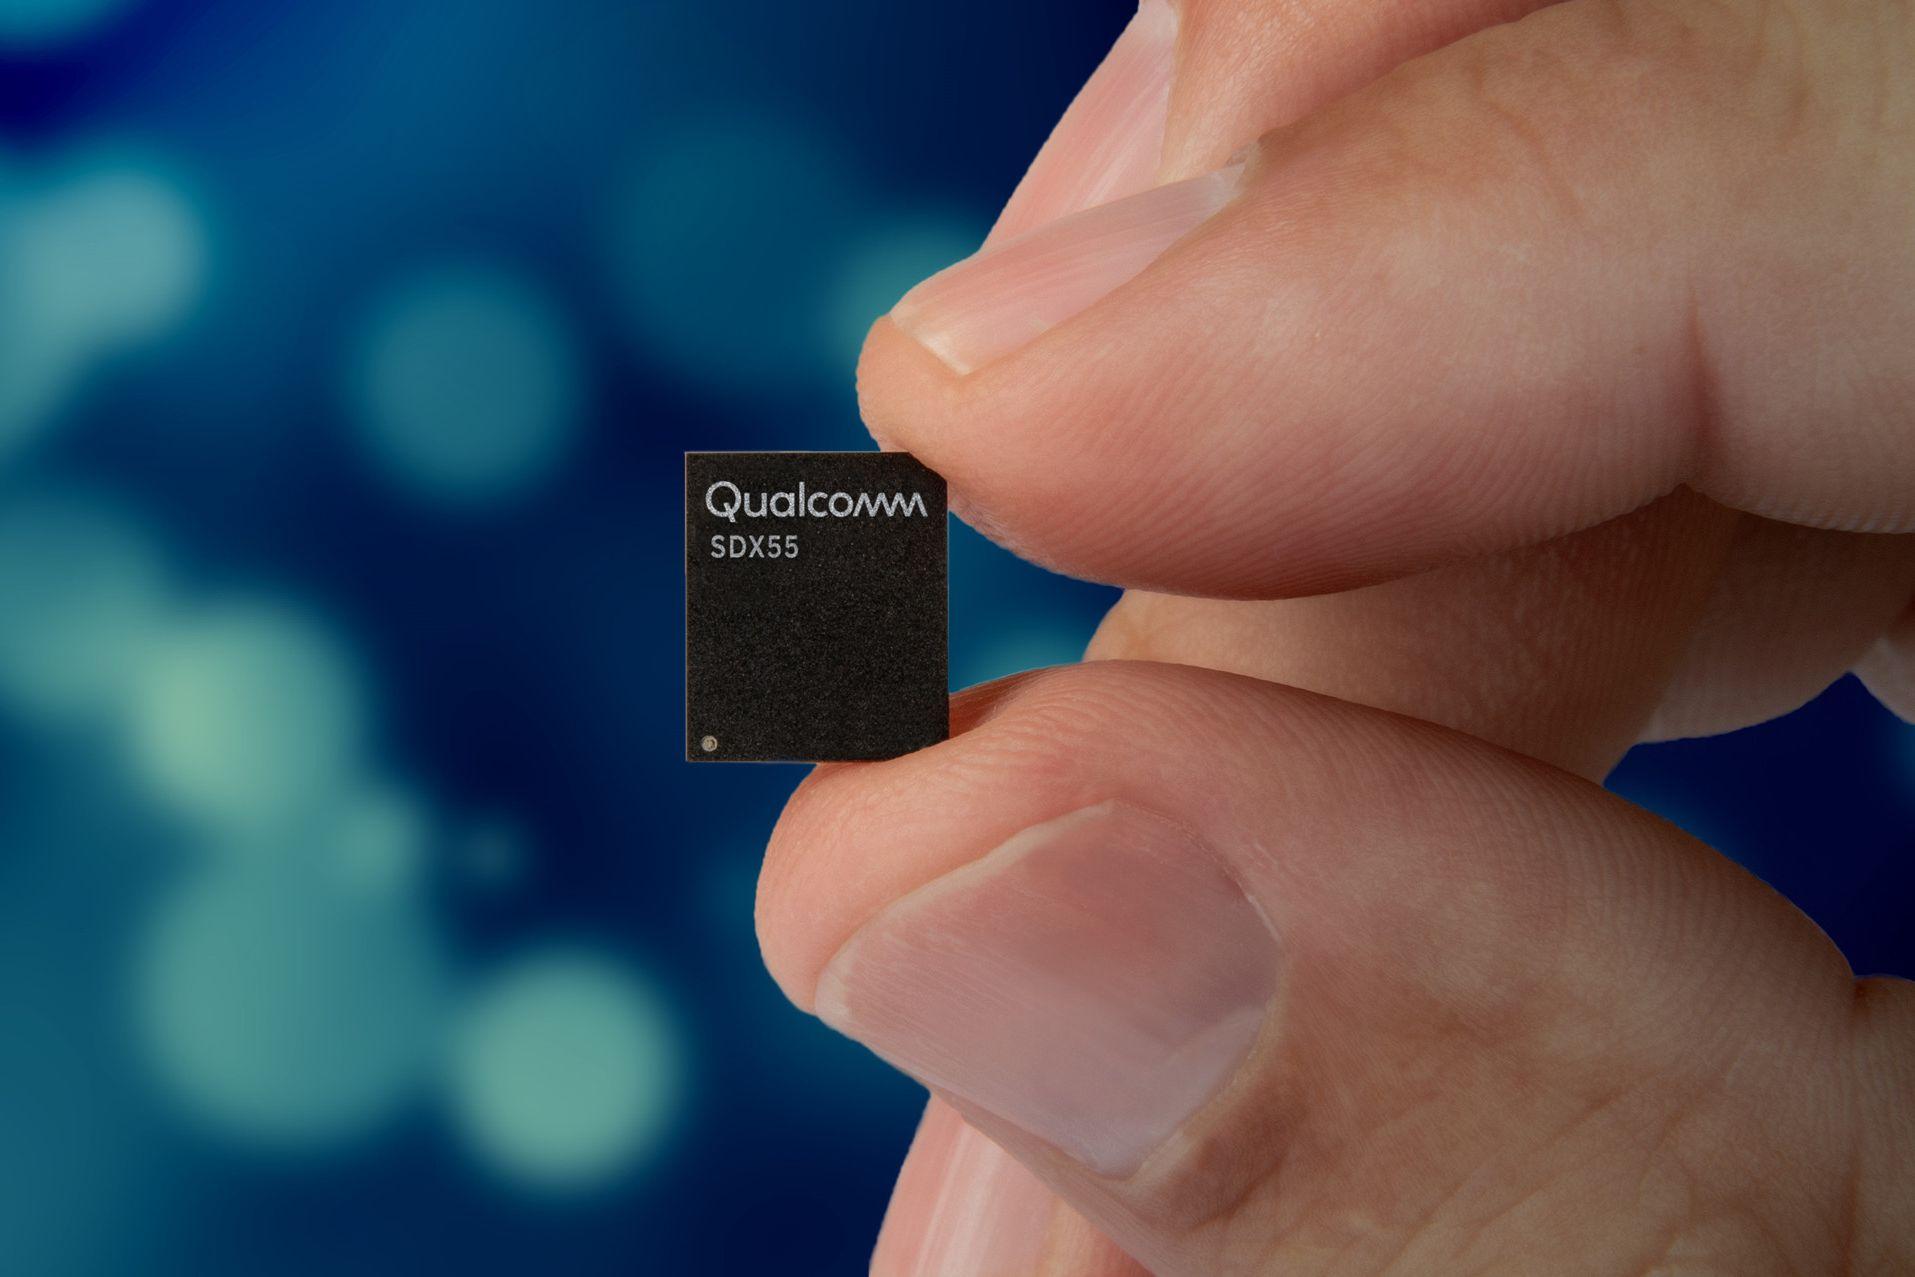 高通推出第二代5G基带芯片骁龙X55 商用终端预计今年年底上